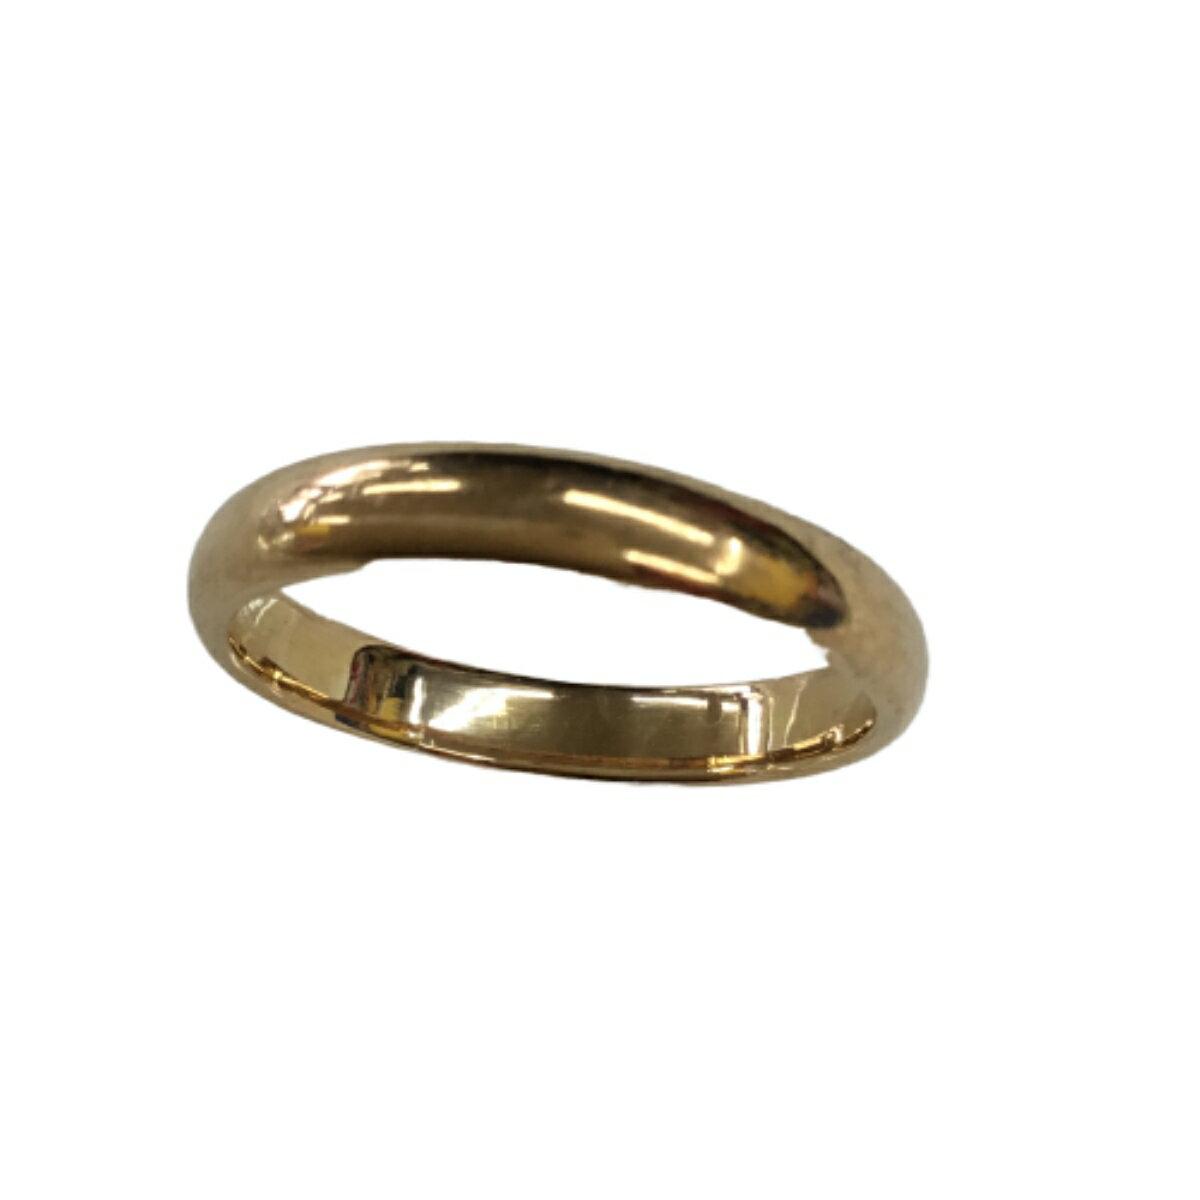 レディースジュエリー・アクセサリー, 指輪・リング  K18 18 14 3.7g